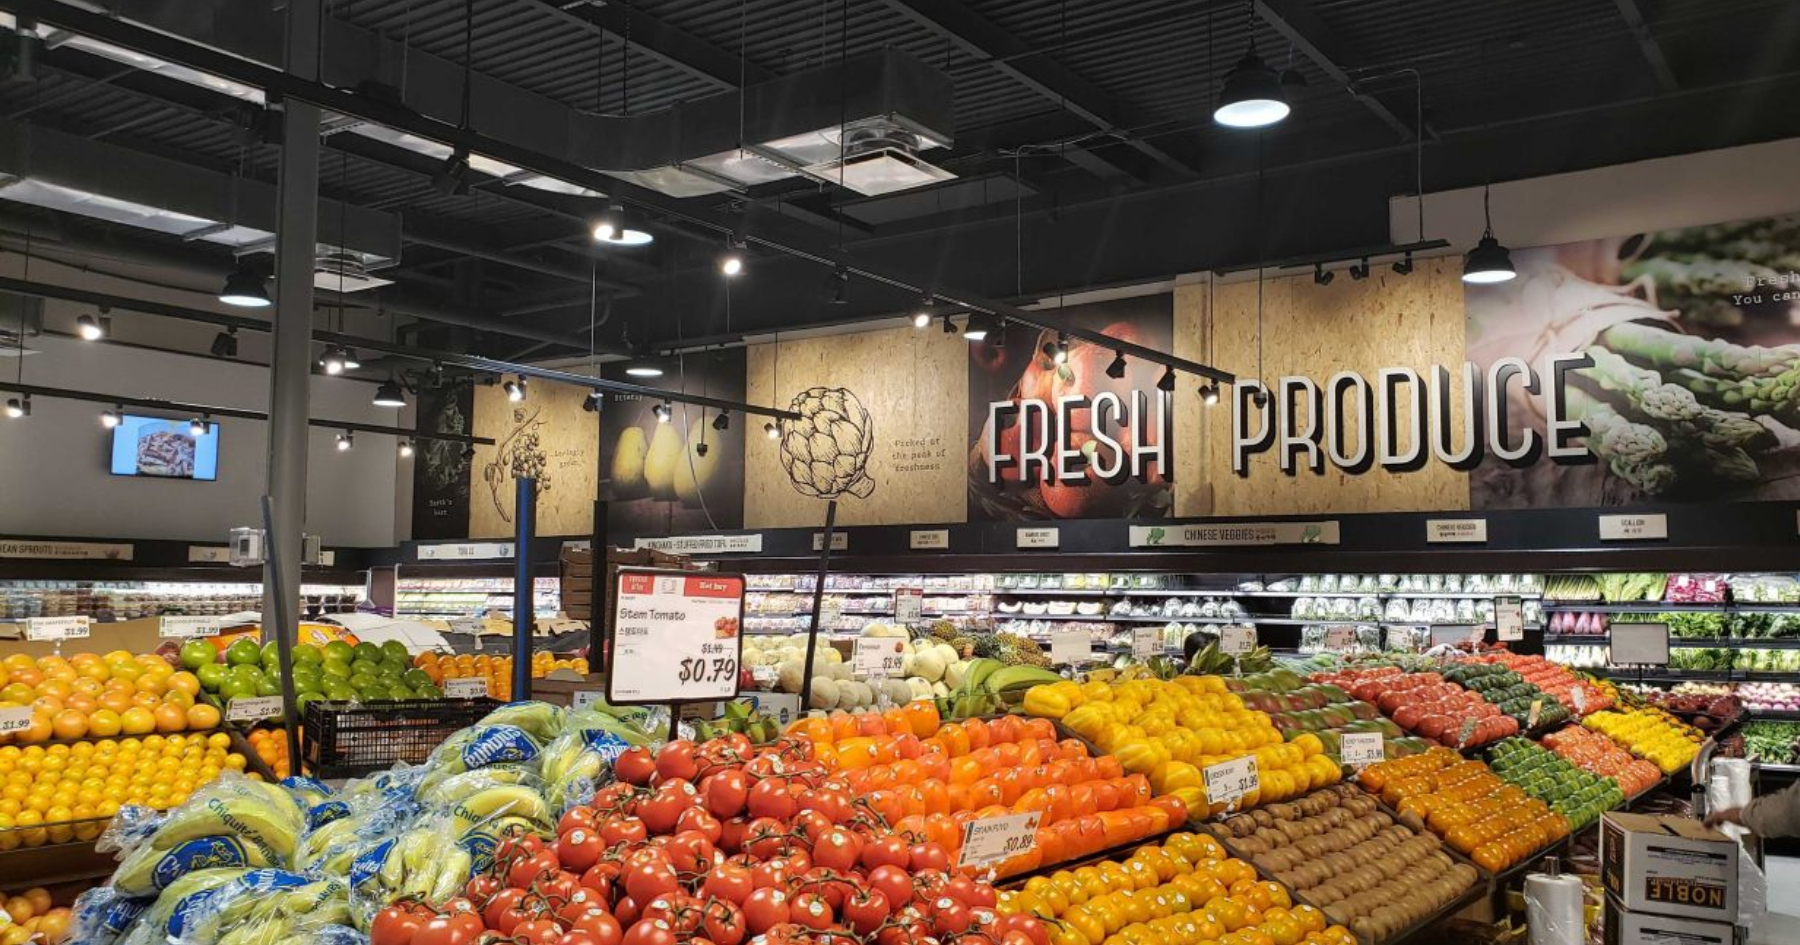 HMart produce